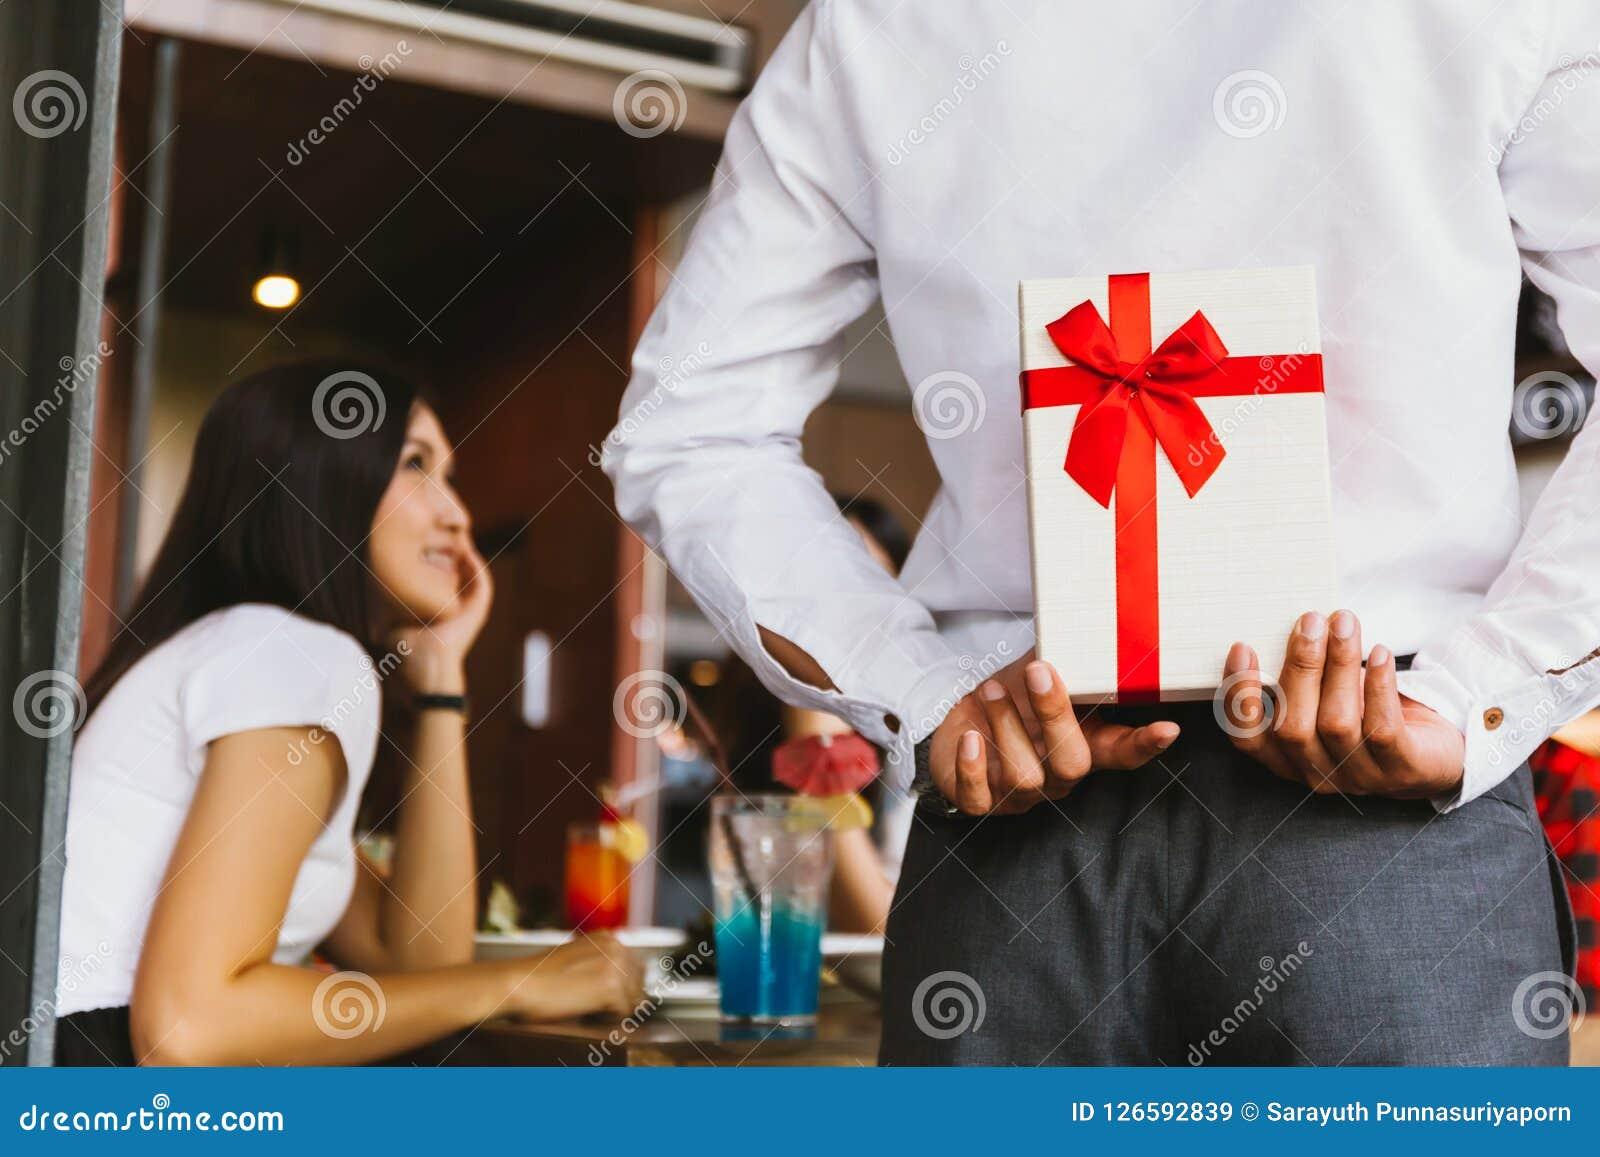 Mujer asiática esperada recibir una caja de regalo del presente de la sorpresa de hombre como par romántico para la celebración o